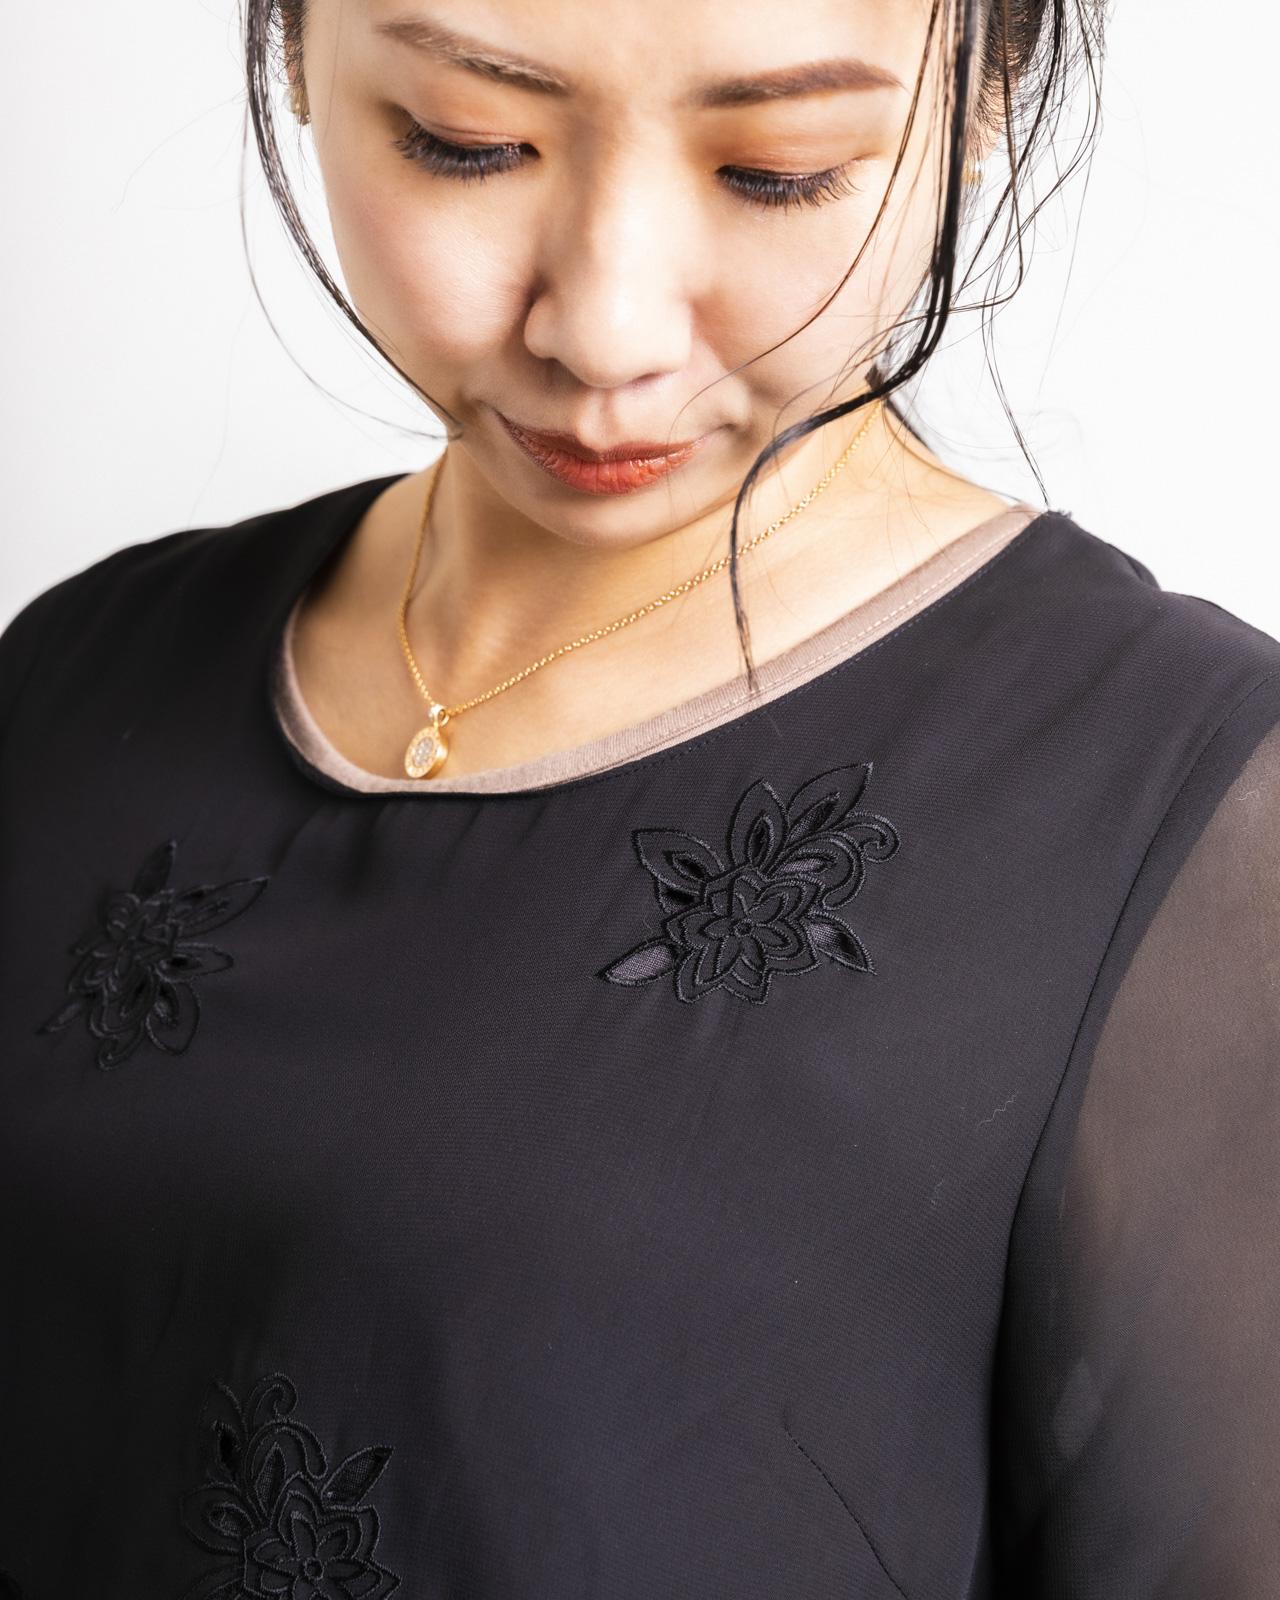 アルテソワ 軽やかシフォンカットワーク刺繍ブラウス